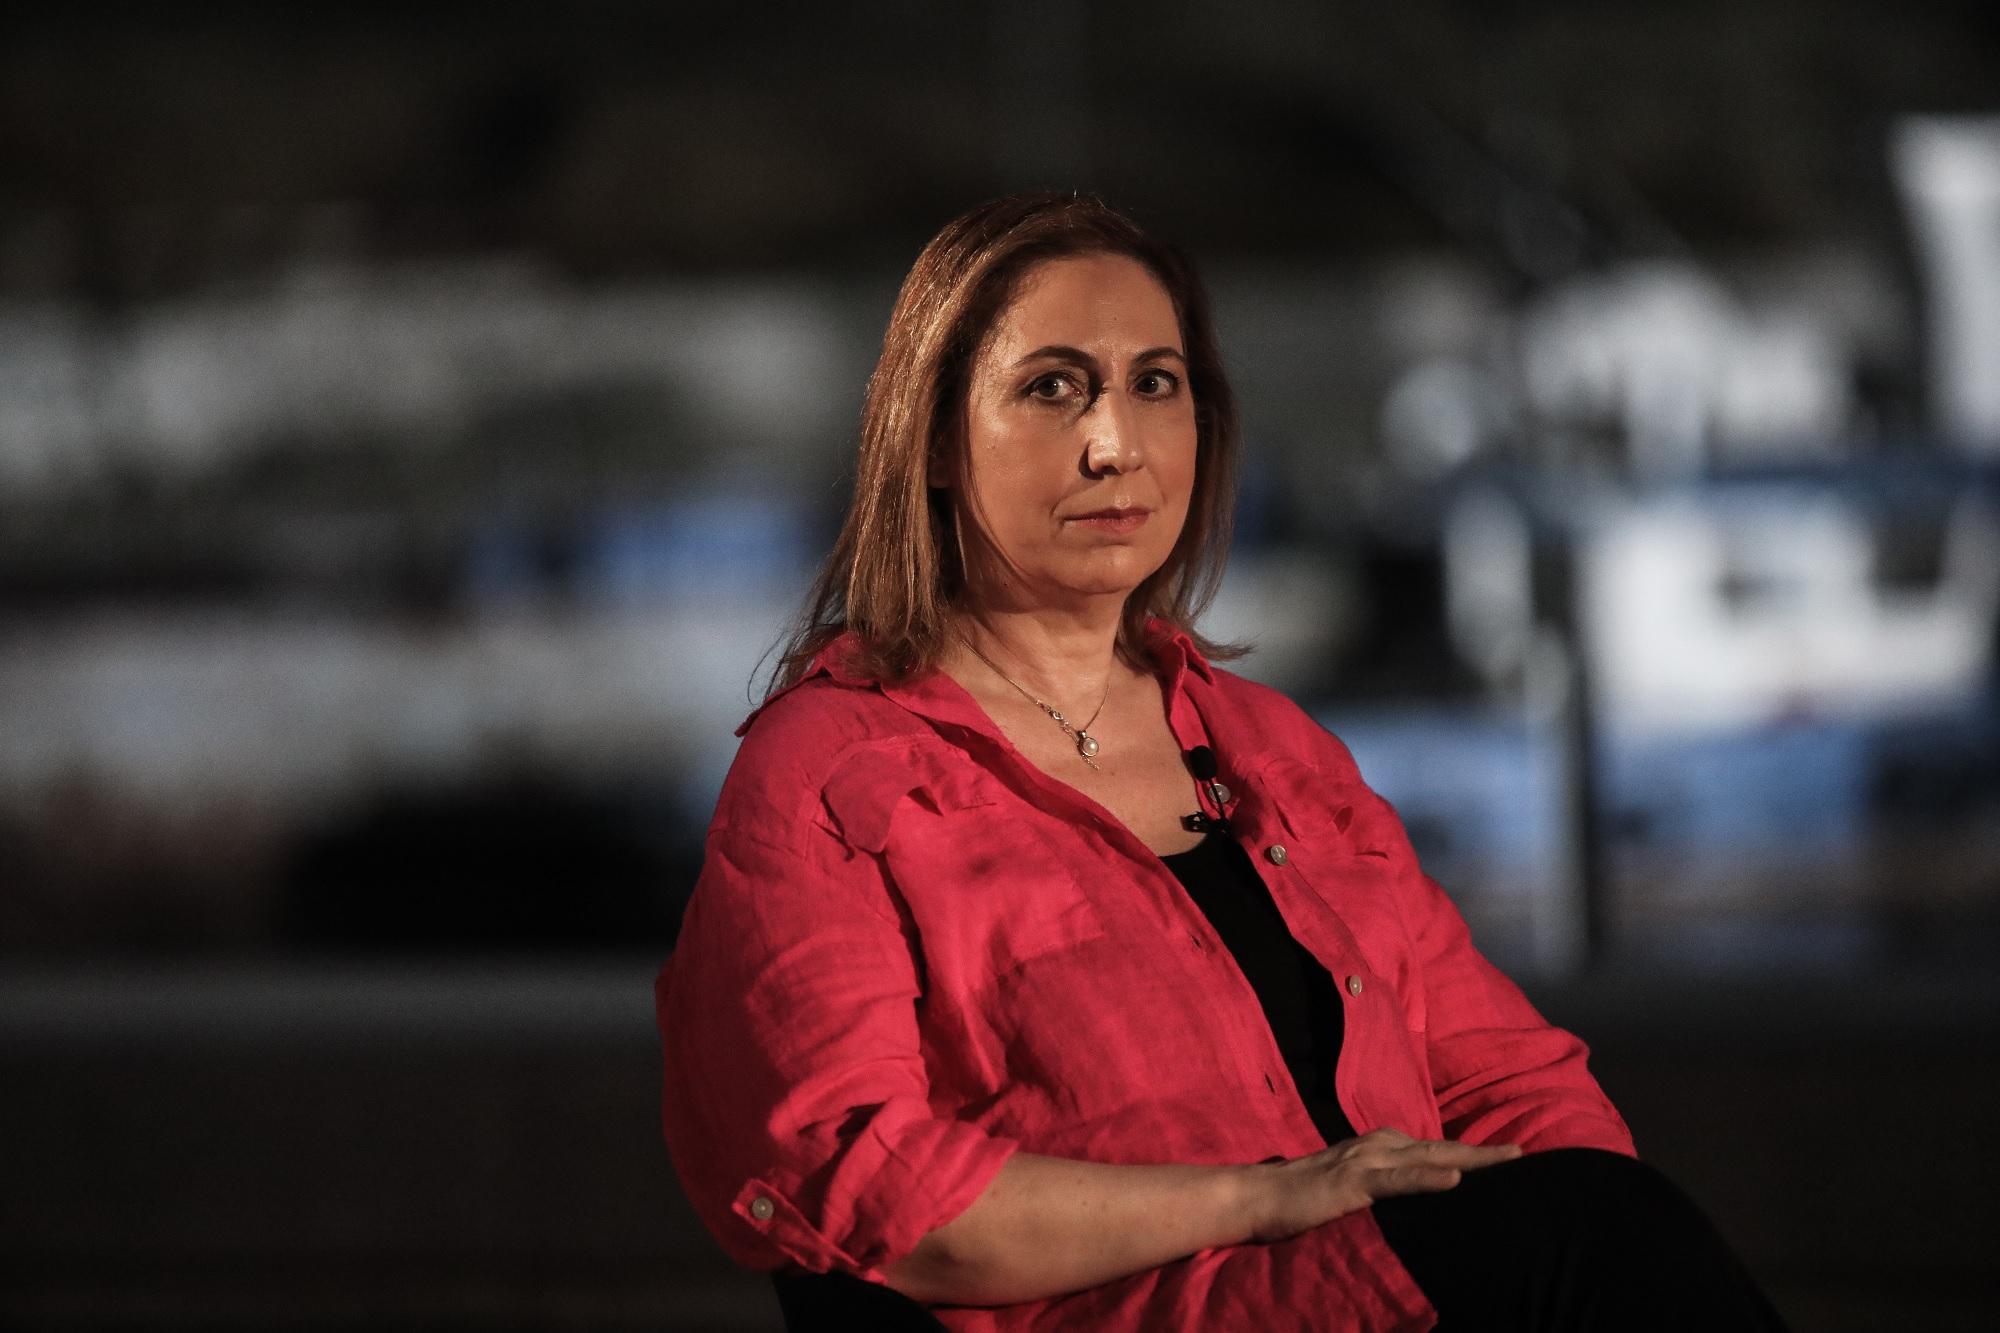 Μαρία Σάκκαρη: Απουσίαζα από το γήπεδο – Δεν χειρίστηκα σωστά την πίεση